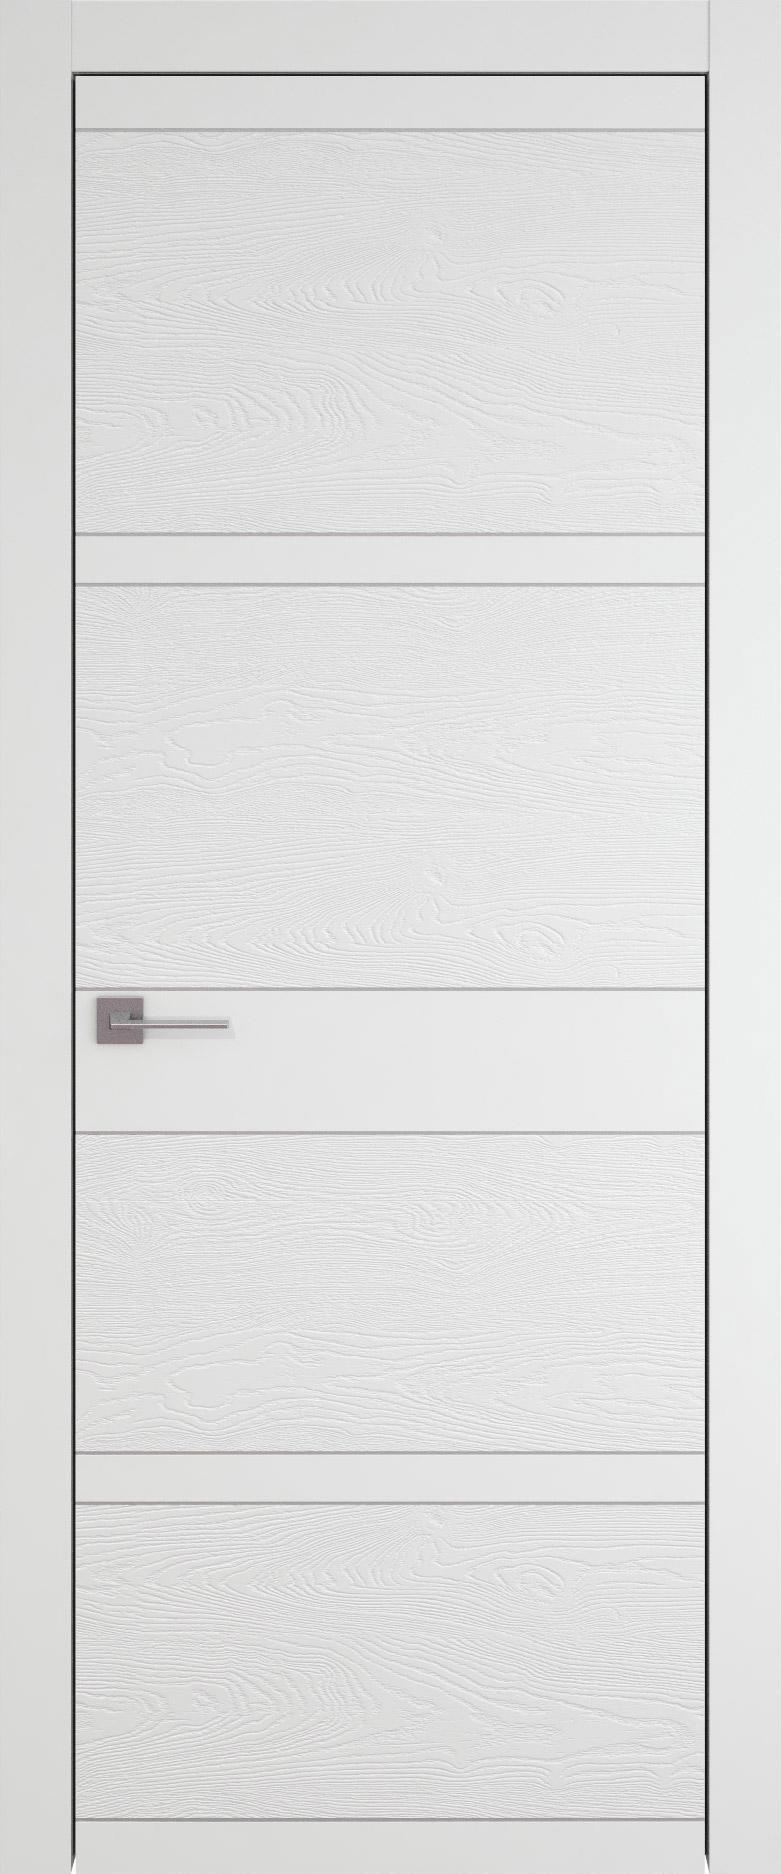 Tivoli Е-2 цвет - Белая эмаль-эмаль по шпону (RAL 9003) Без стекла (ДГ)